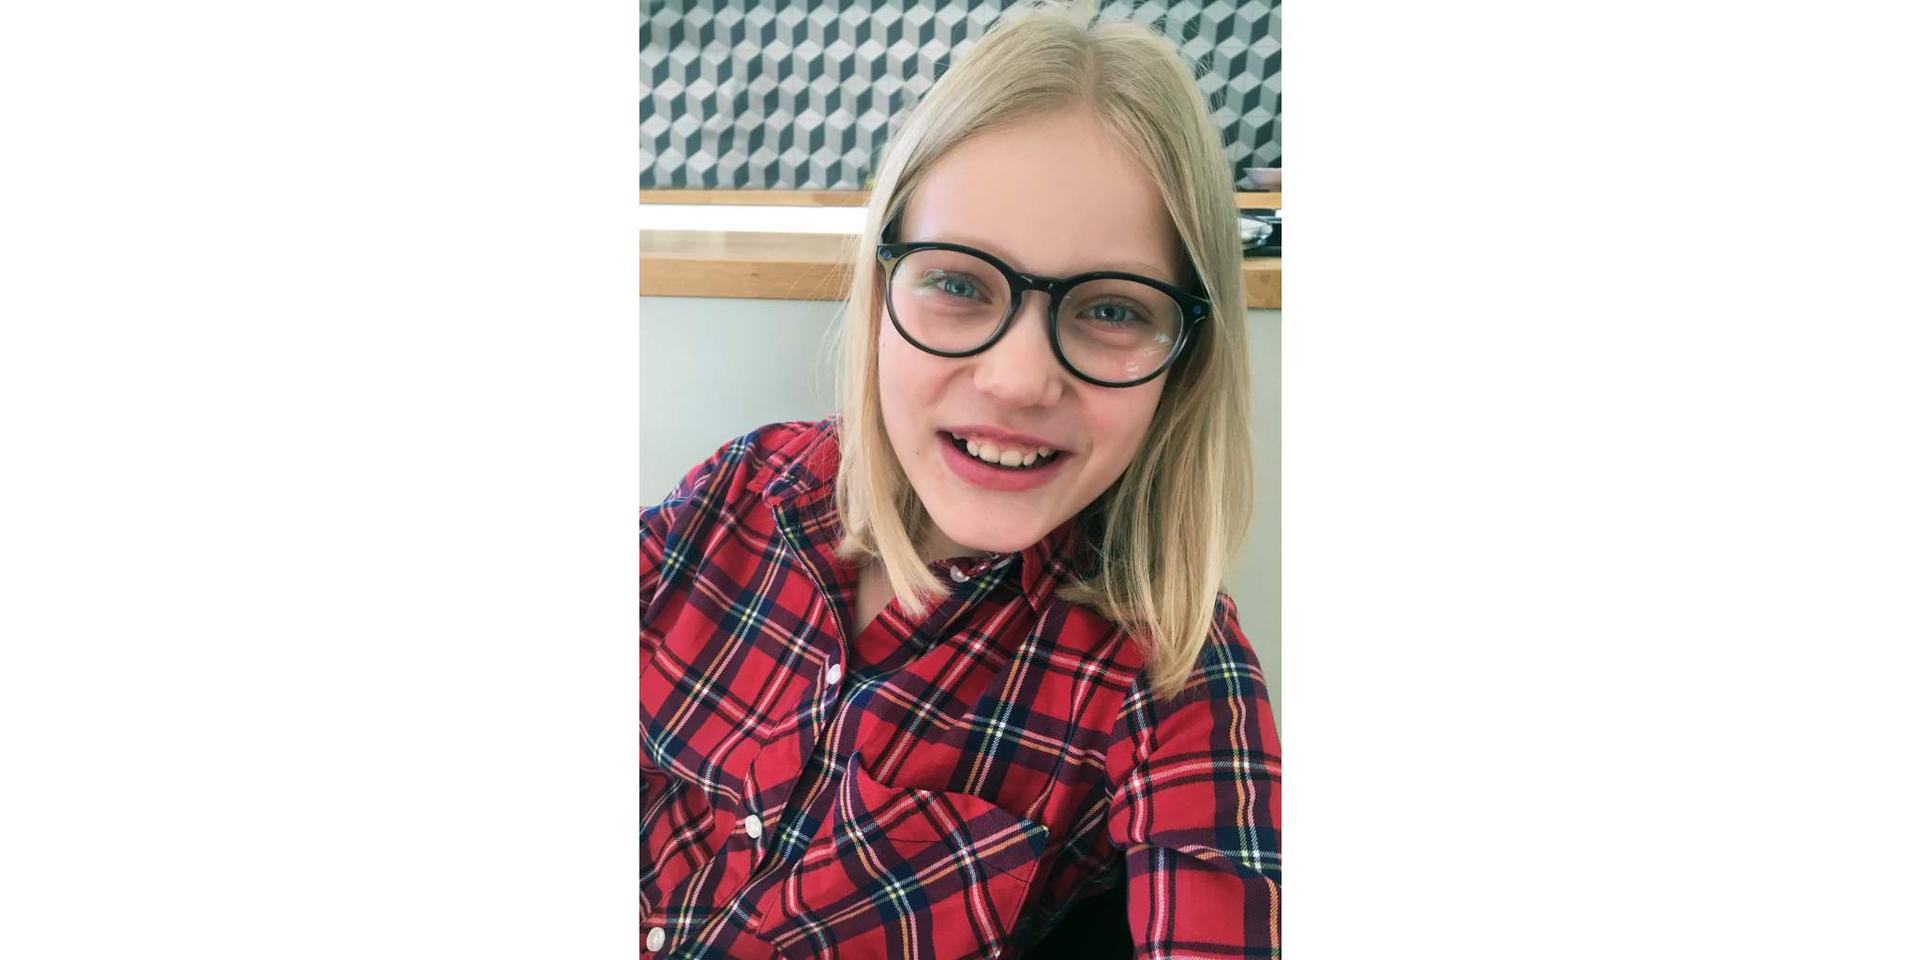 Amelia DKMS Patient